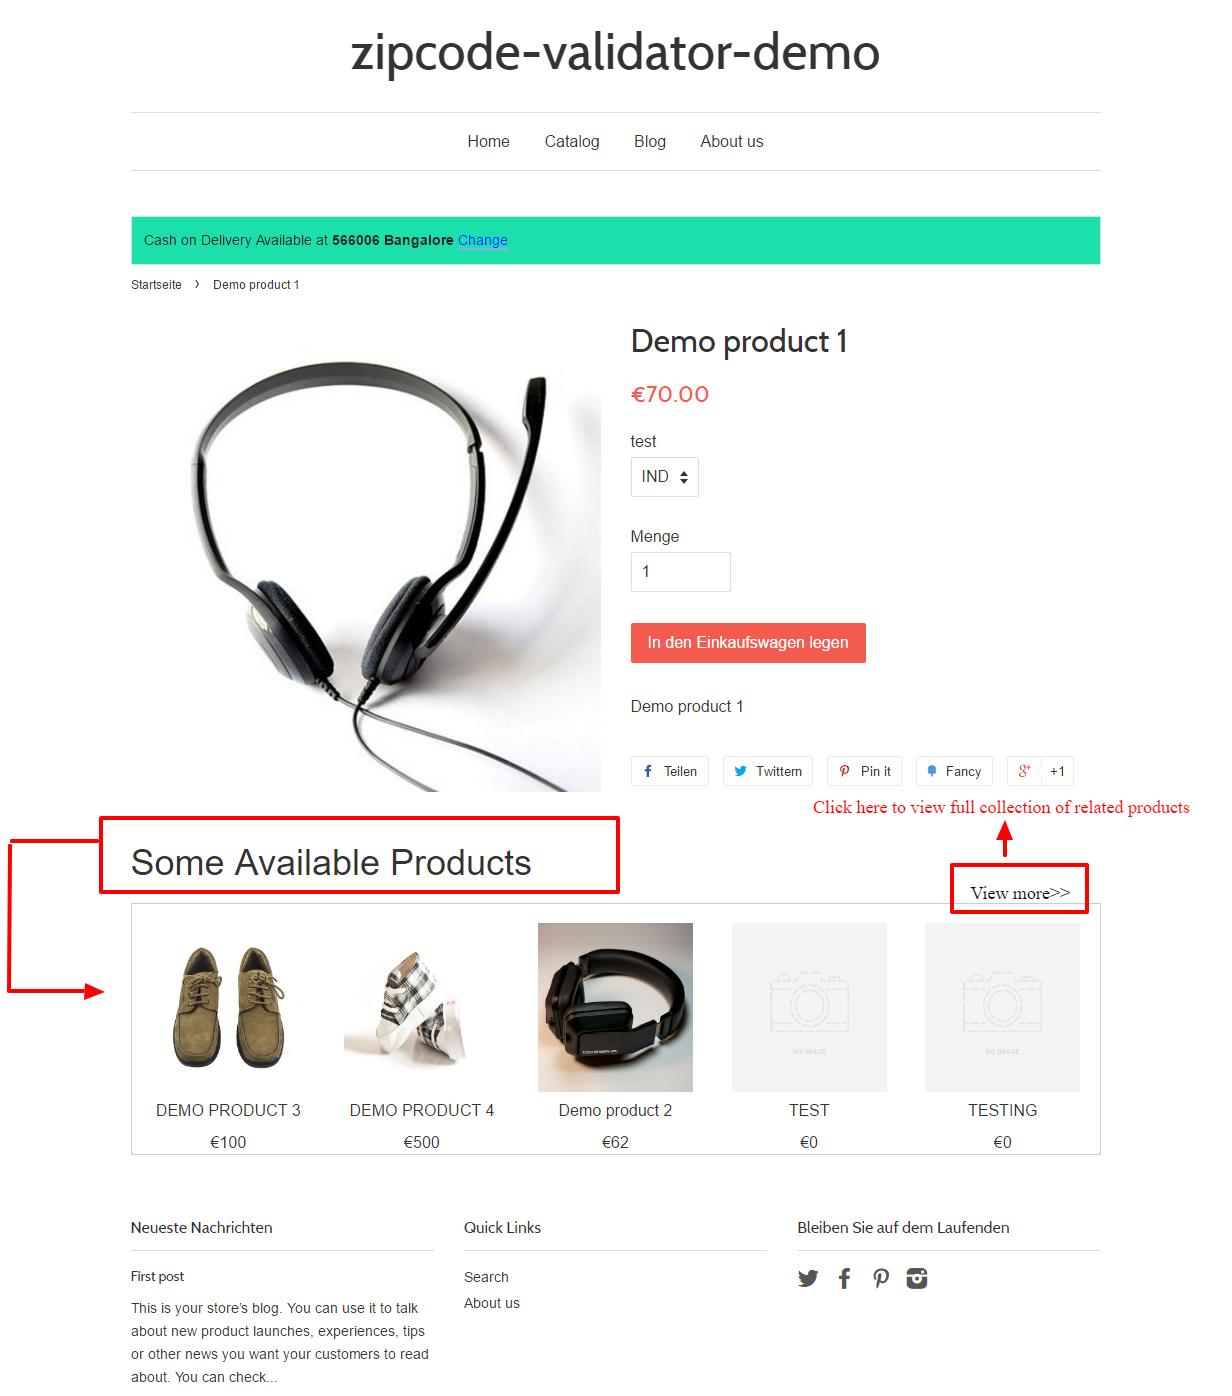 Demo product 1 – zipcode validator demo